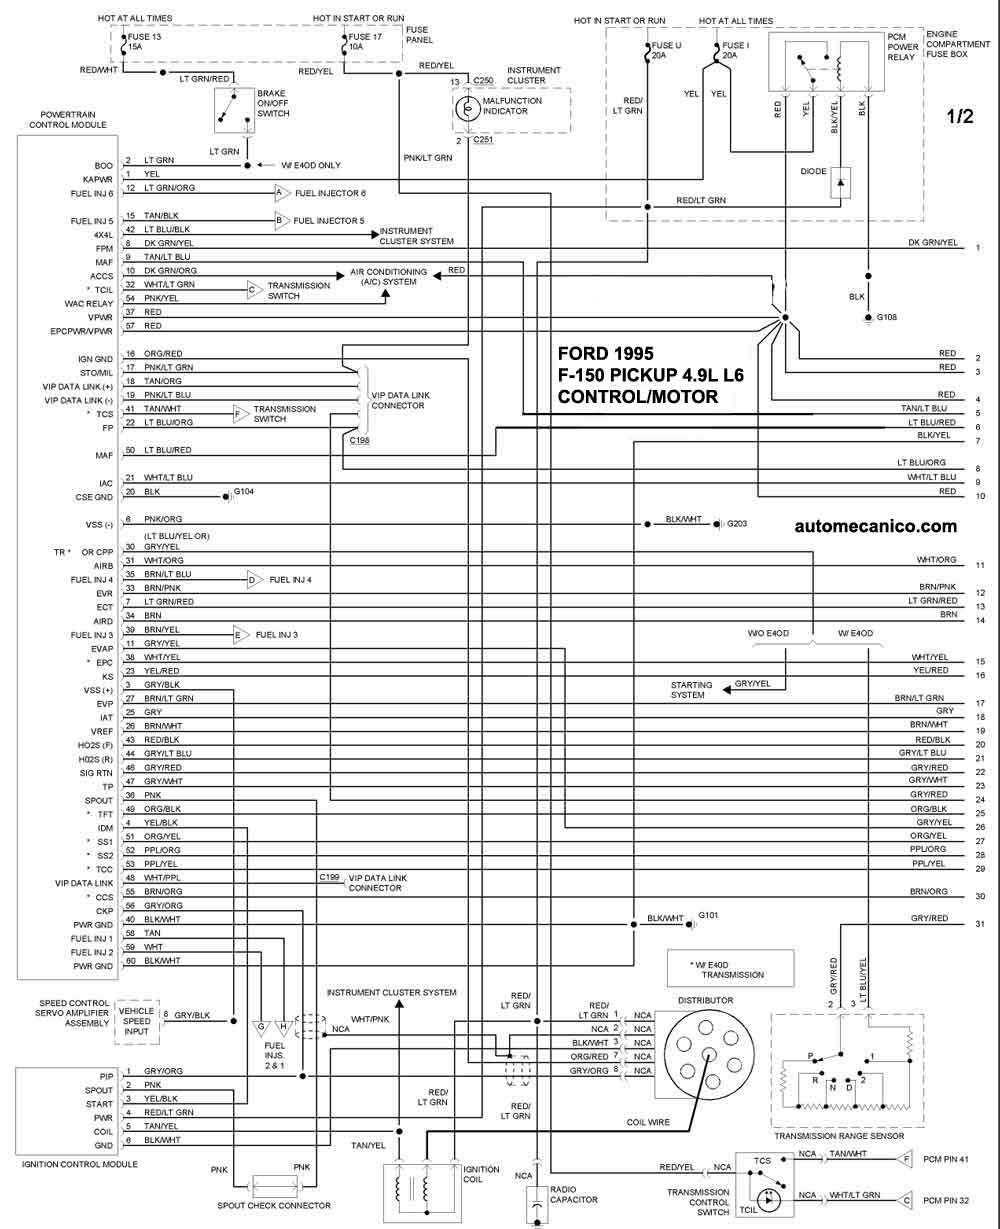 03 f150 diagrama de cableado